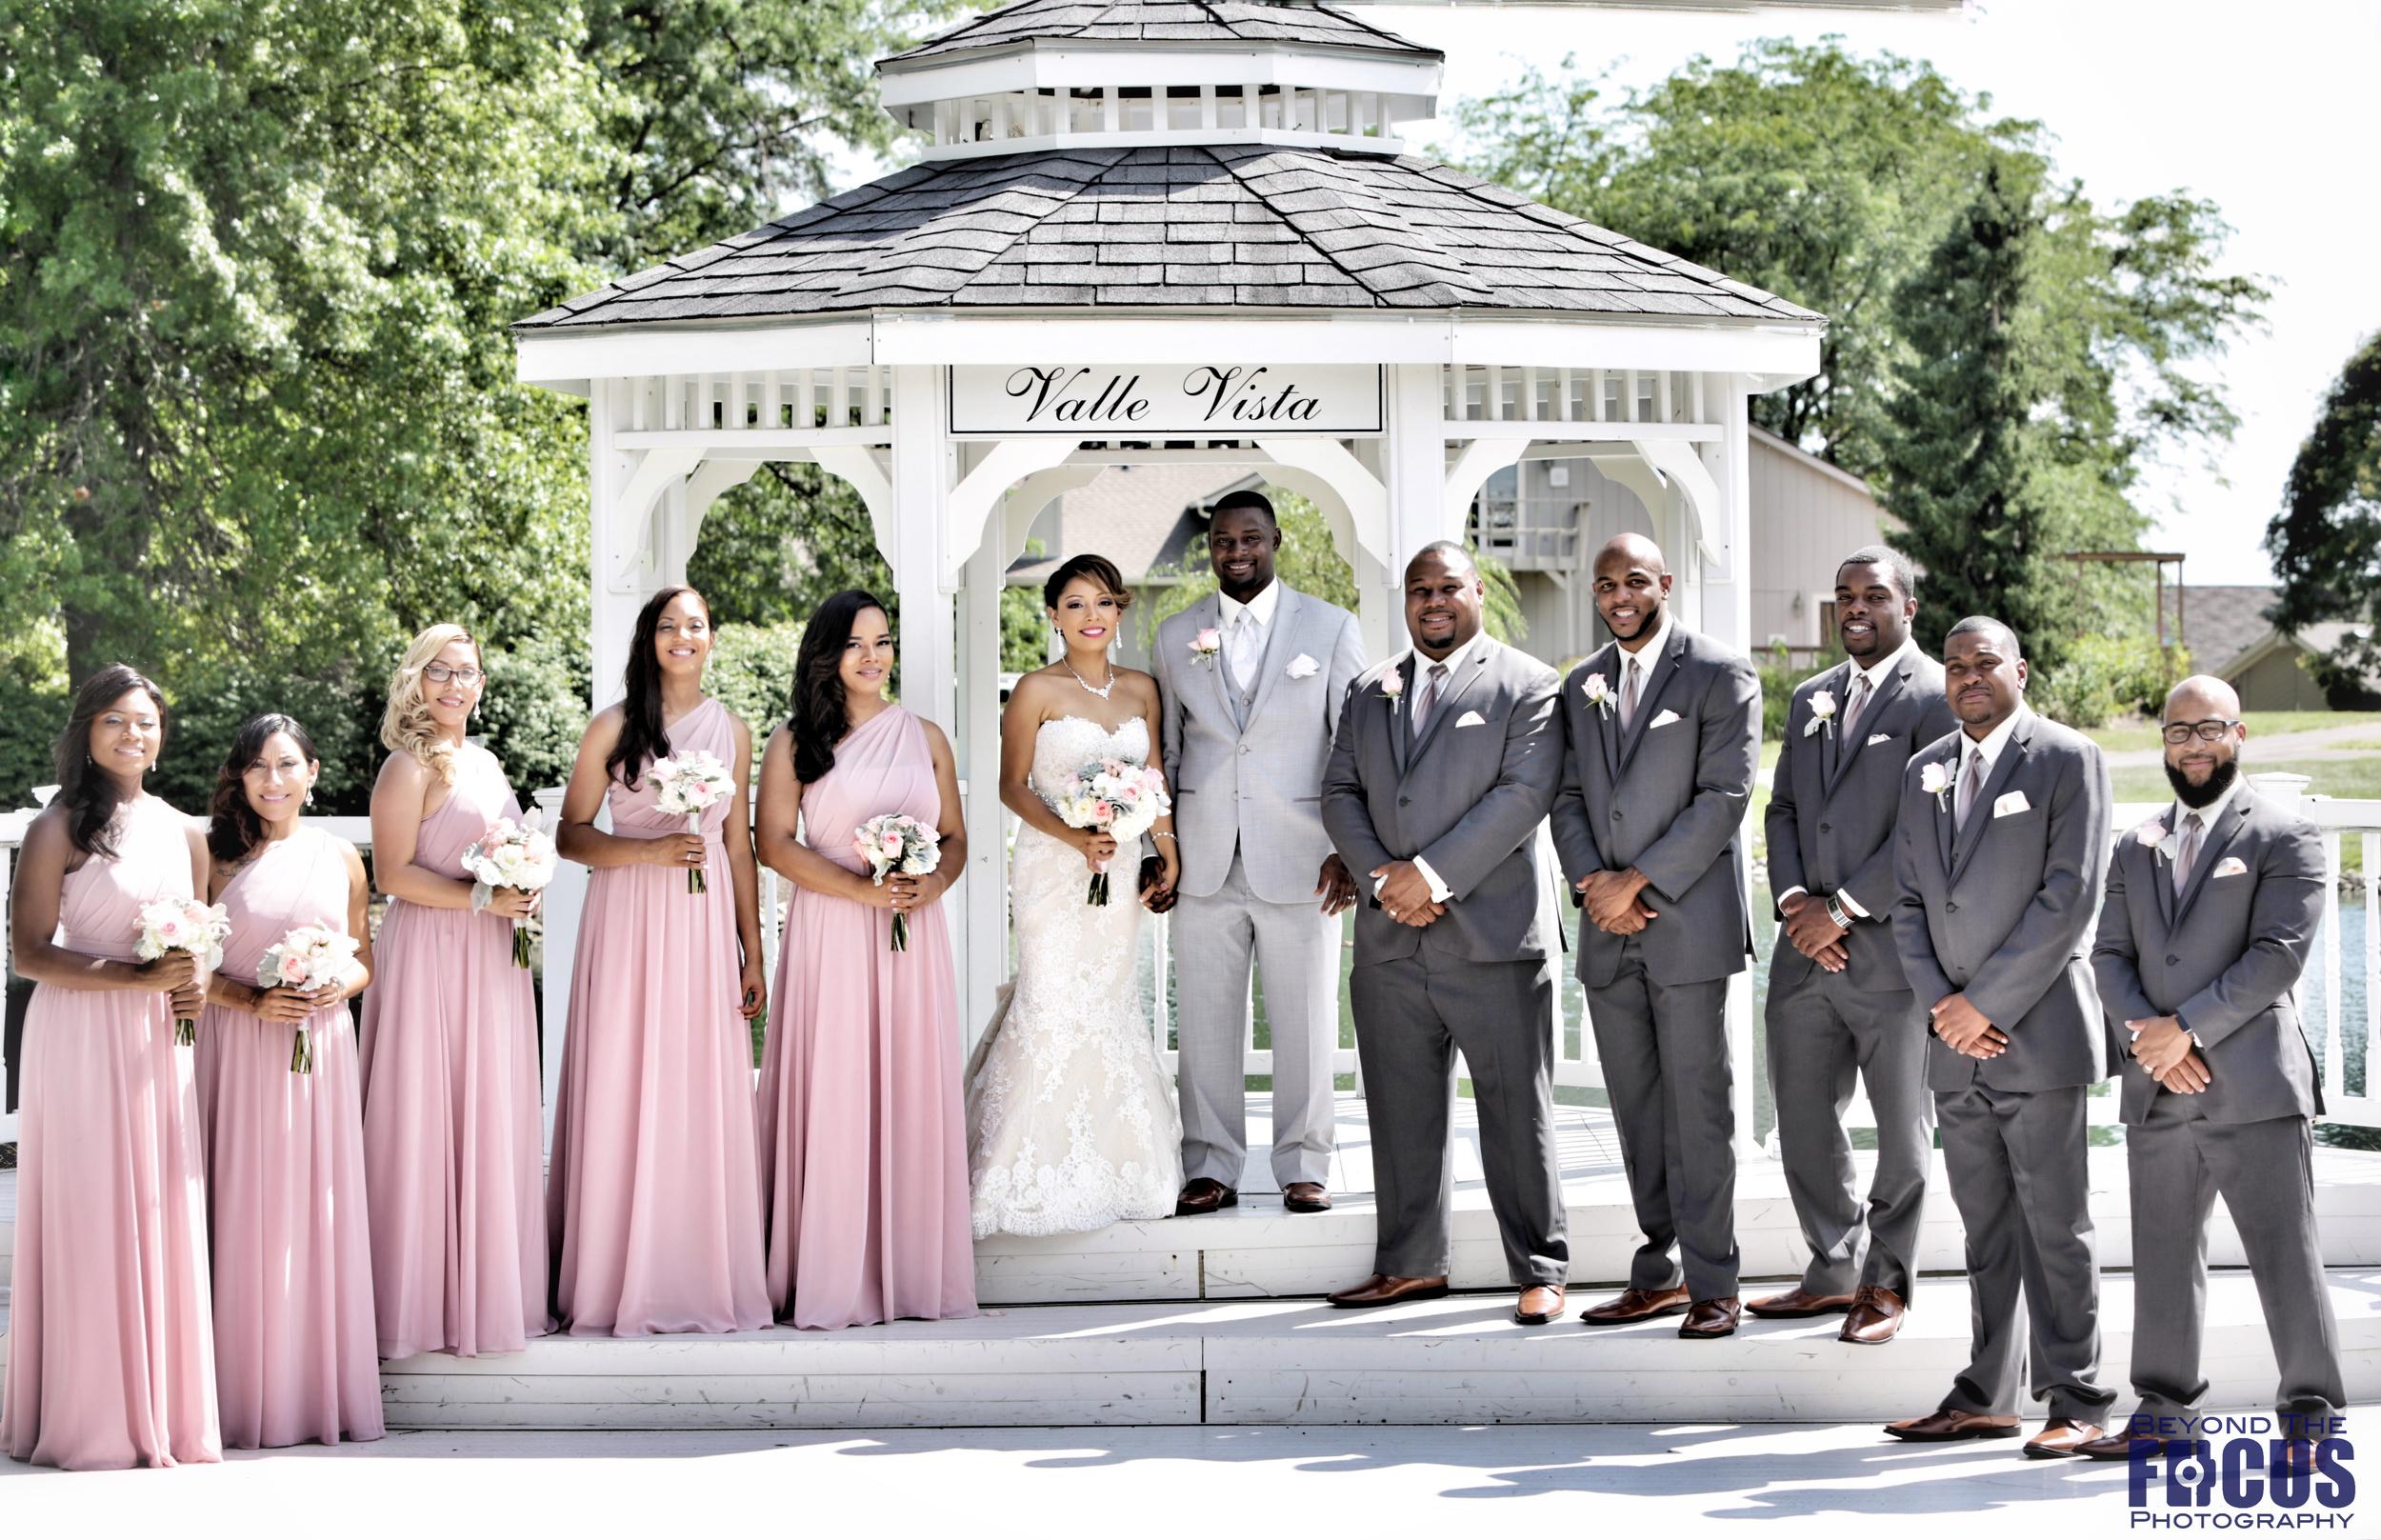 Palmer Wedding - Wedding Party5.jpg